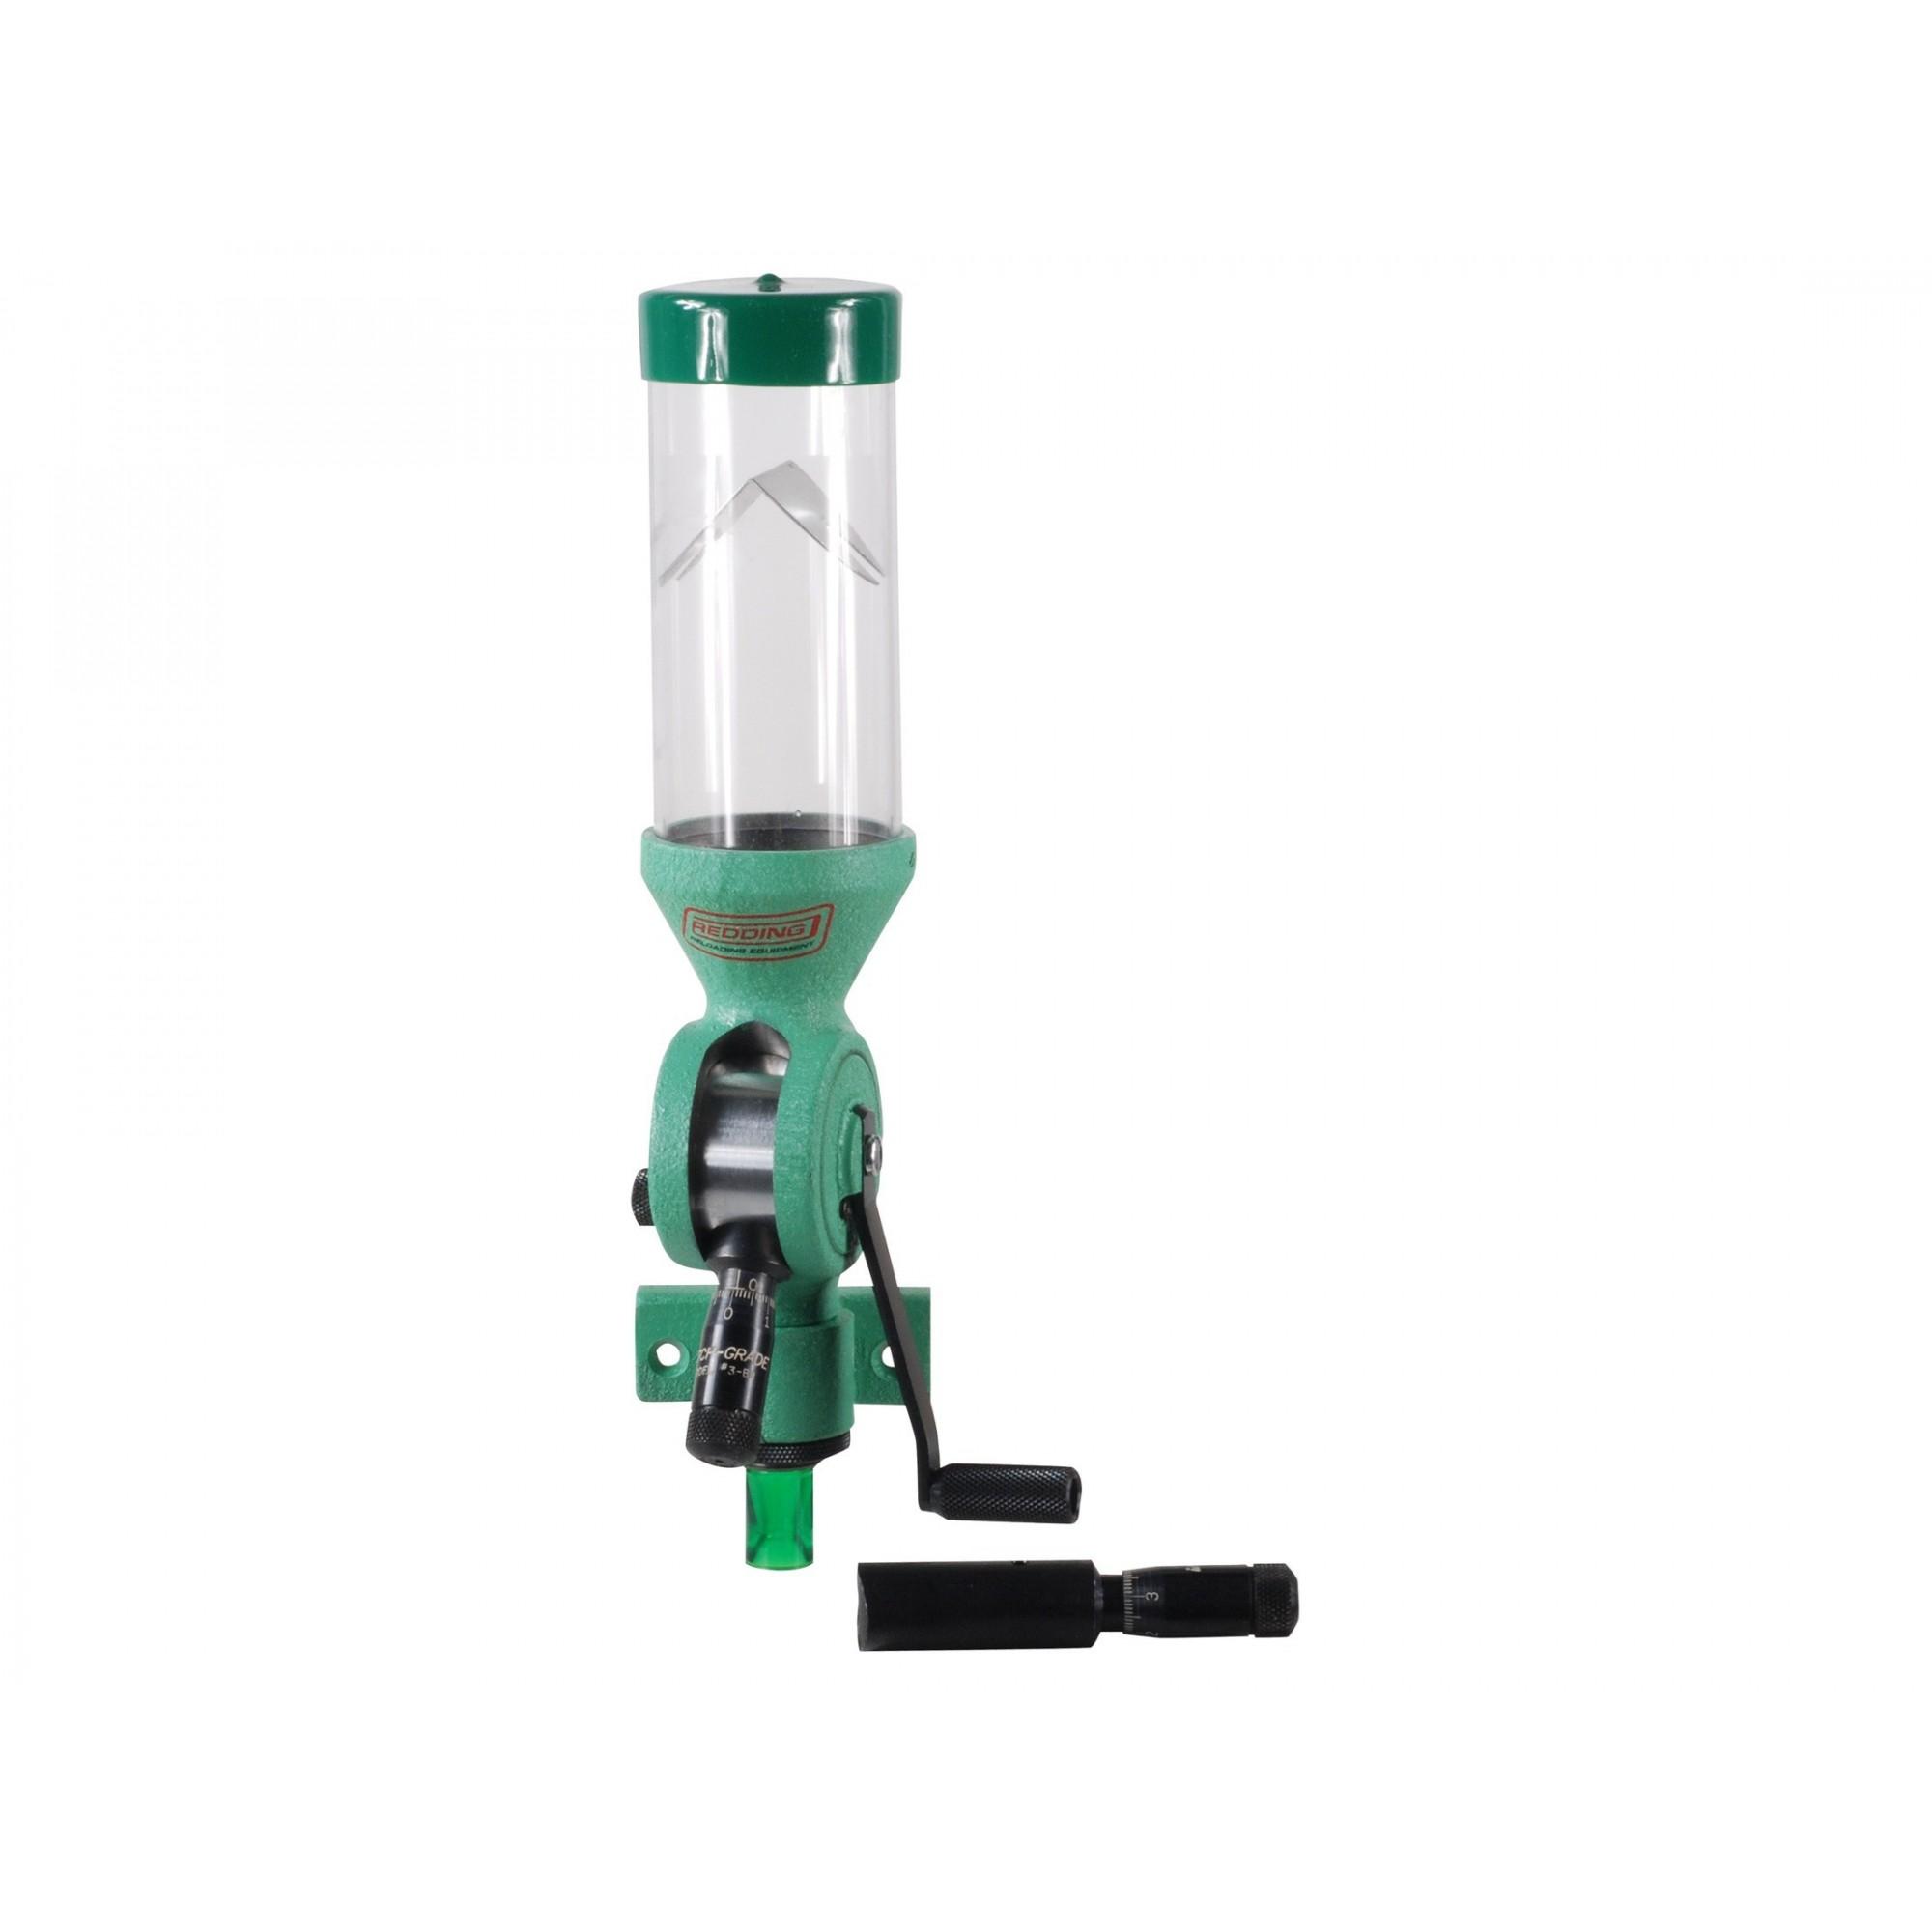 Polvorimetro de precisão ( Match-Grade Model 3BR Measure w/both chambers )